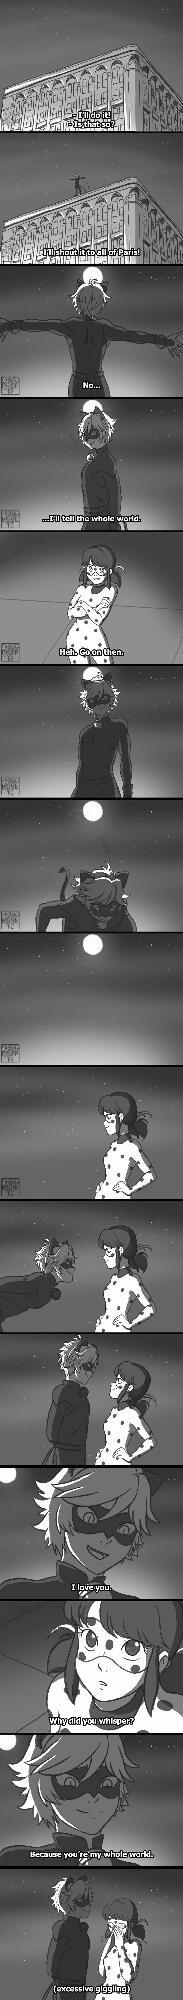 Ladynoir comic